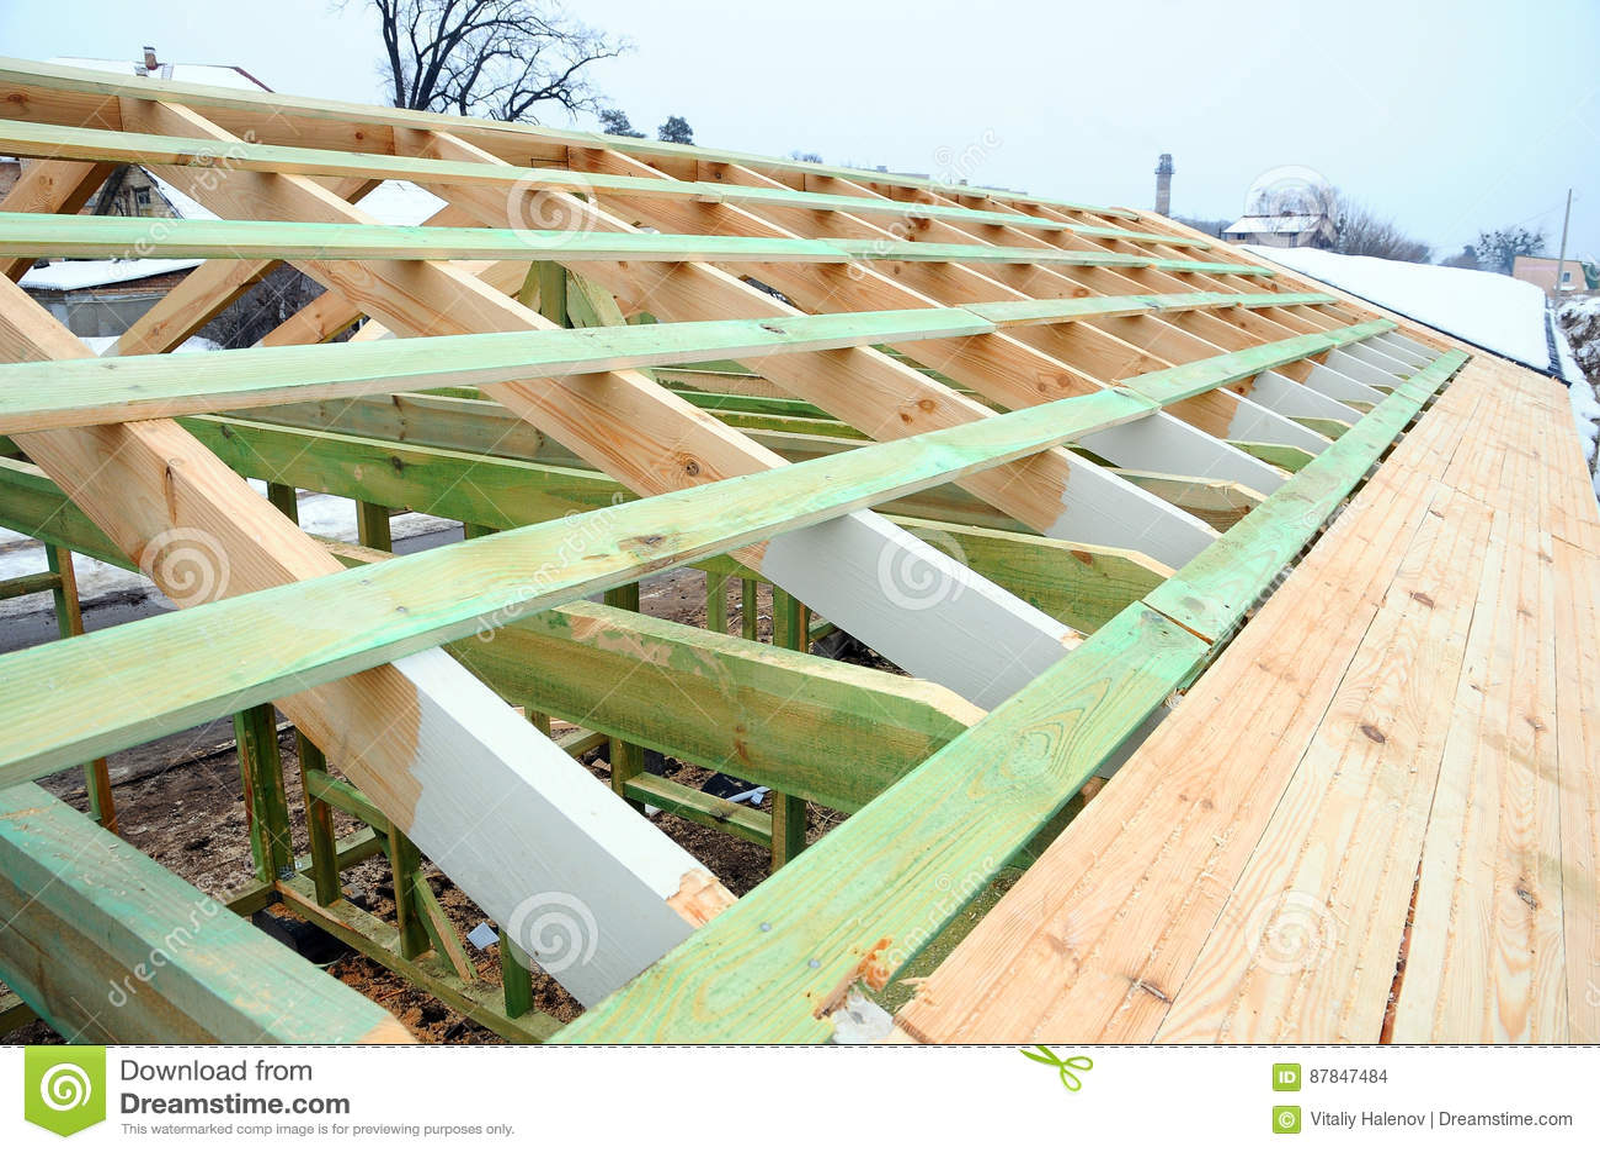 Bonito estructuras de madera para tejados elaboraci n ideas de decoraci n de interiores - Estructuras de madera para tejados ...